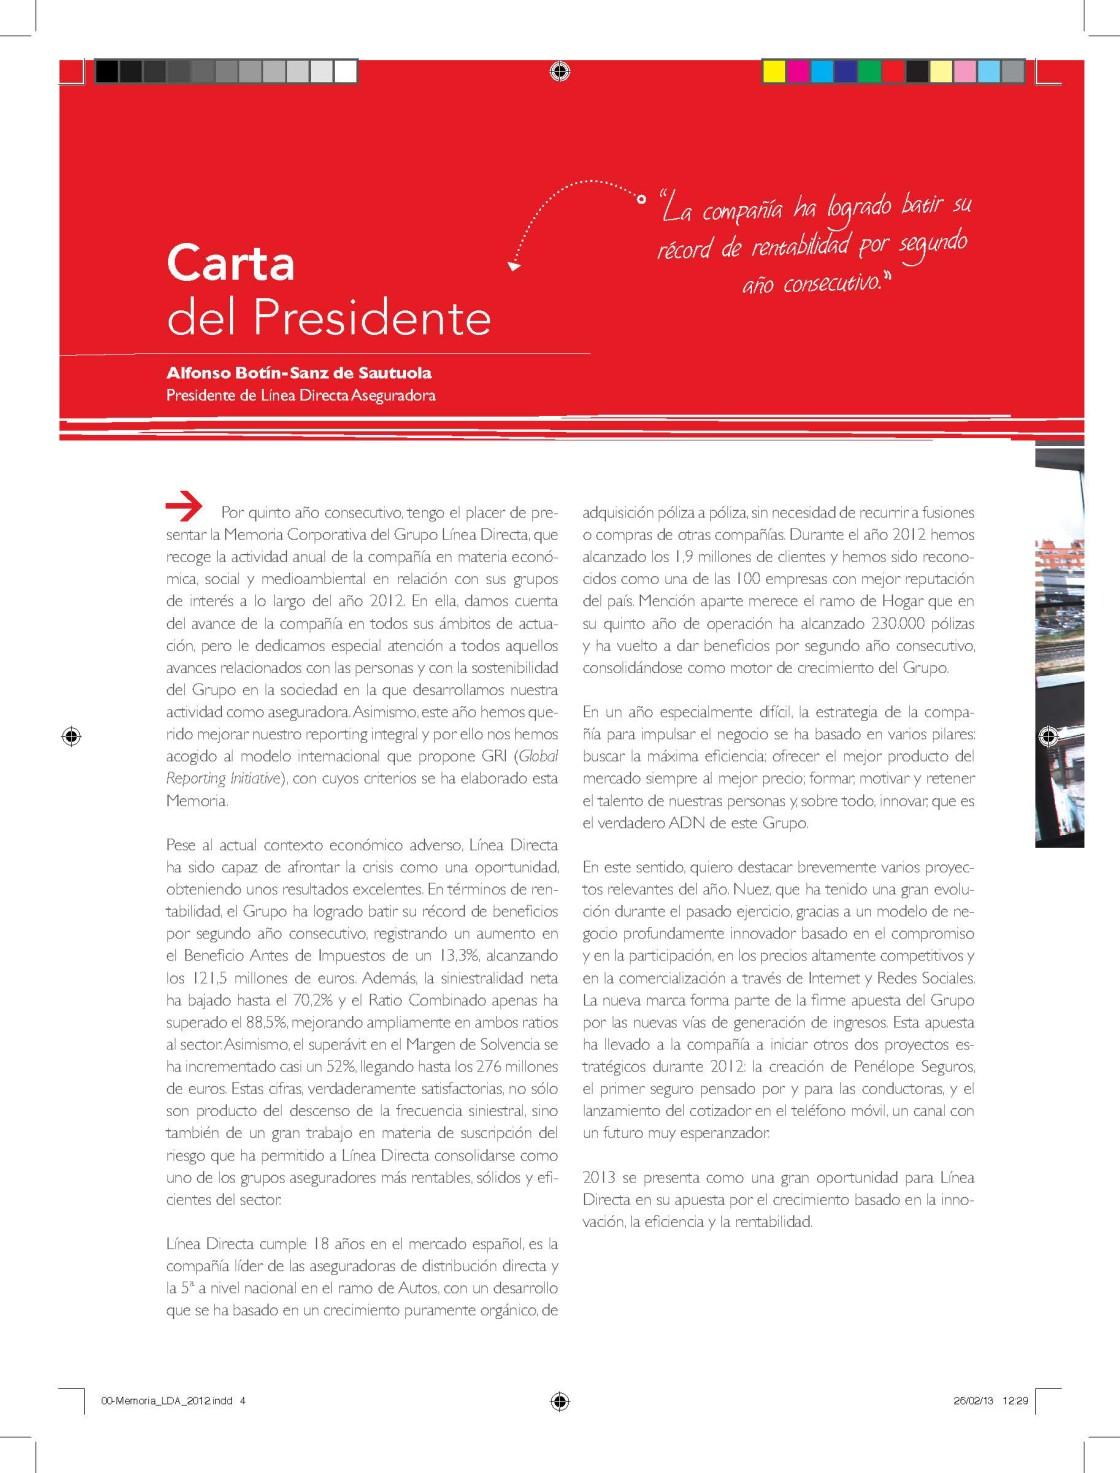 Memoria_LDA_2012_Page_04